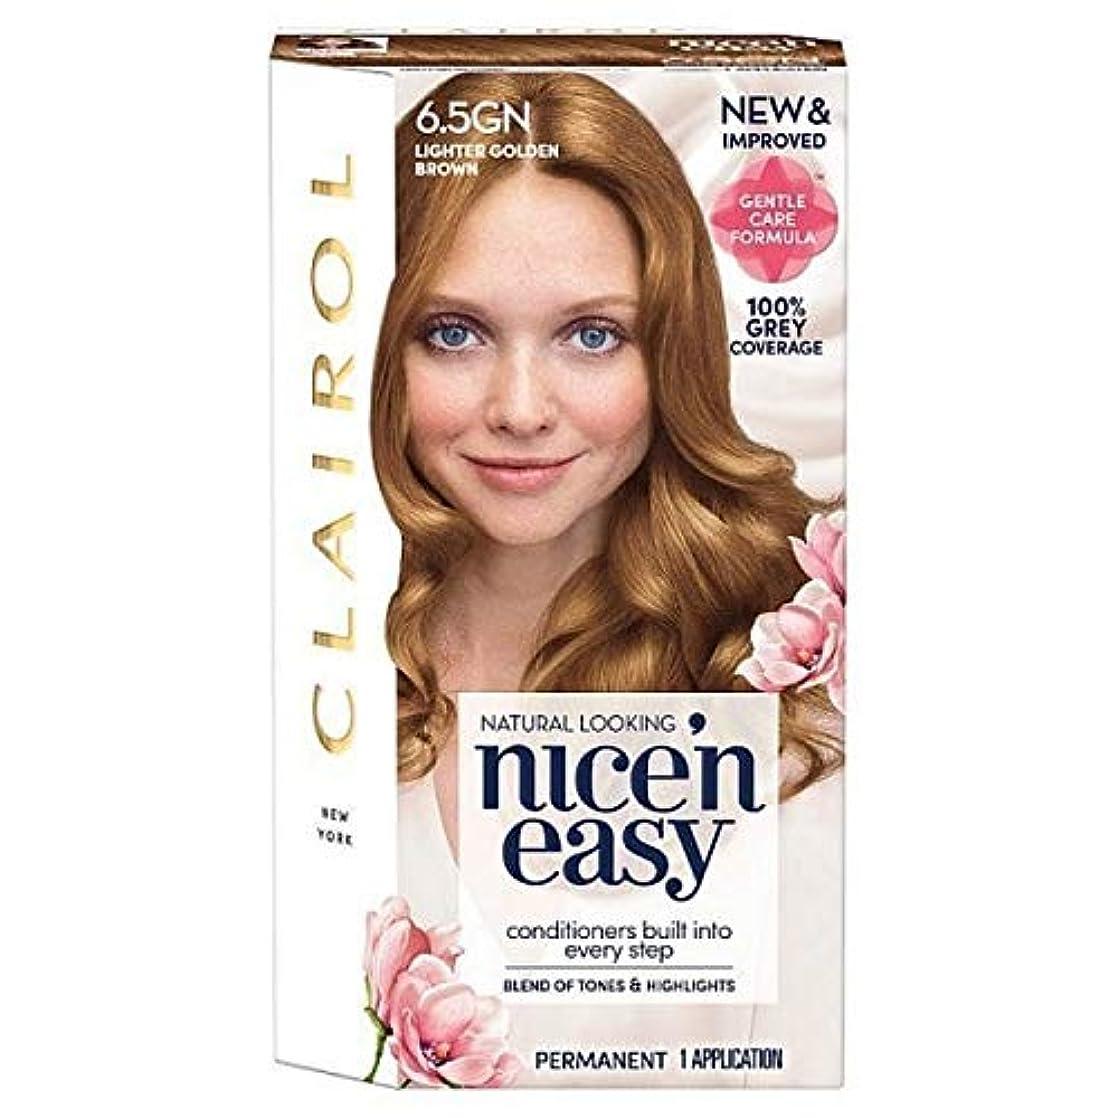 気晴らし誤皮肉な[Nice'n Easy] Nice'N簡単6.5Gn軽くキツネ色 - Nice'n Easy 6.5Gn Lighter Golden Brown [並行輸入品]